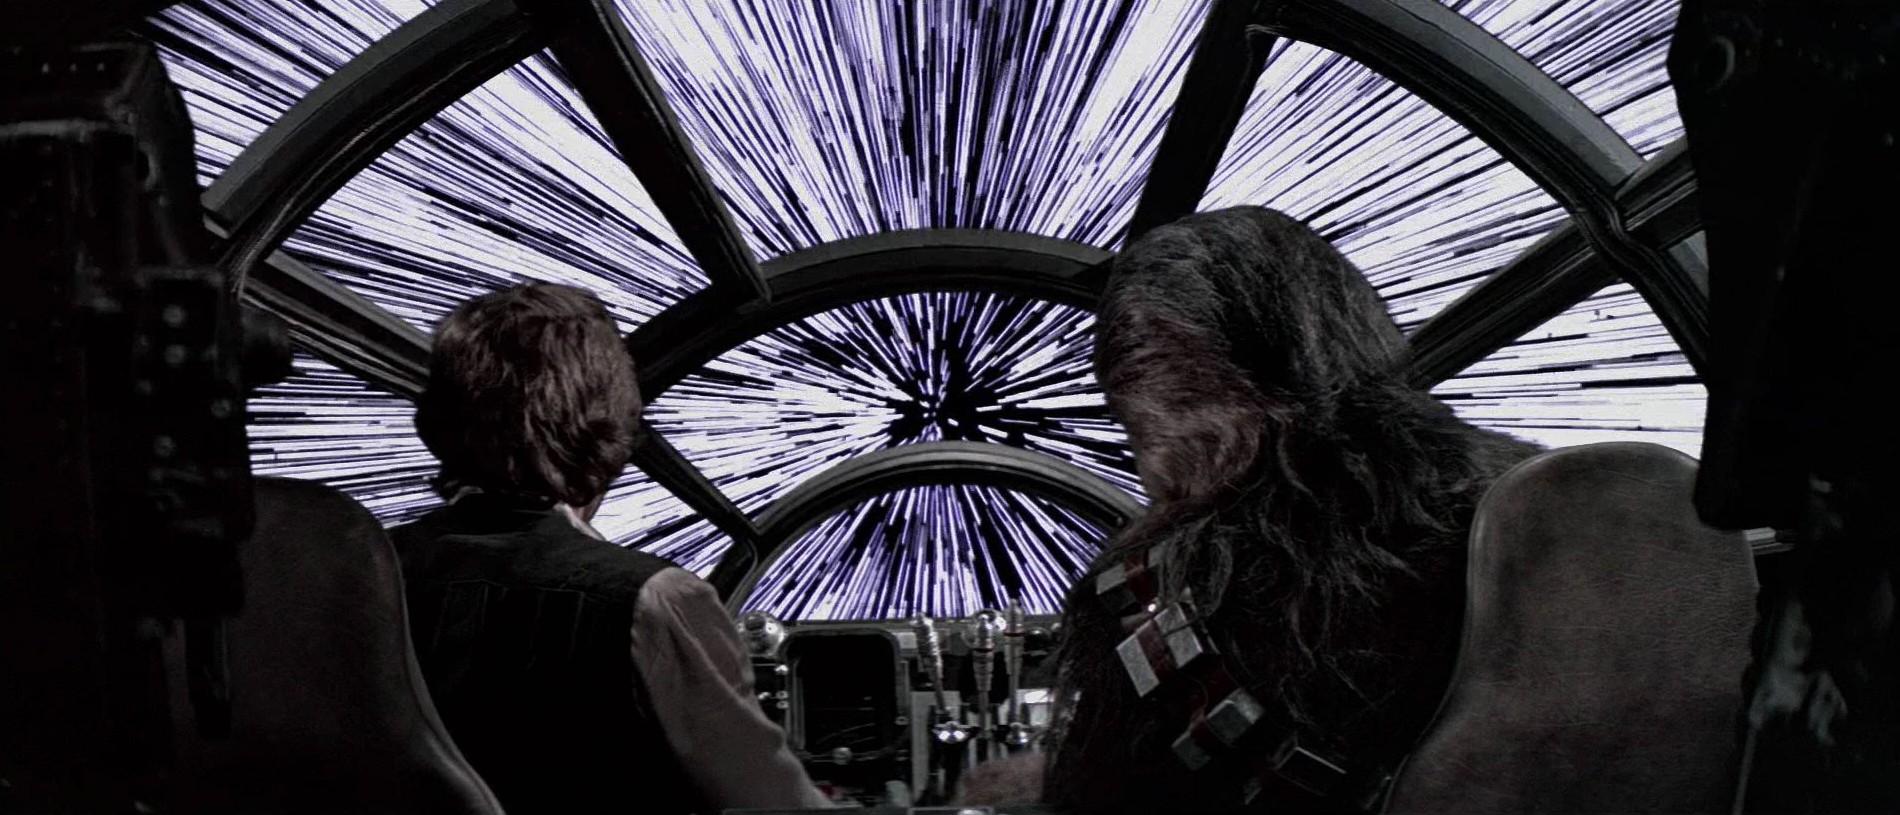 hyperspace_falcon.jpg